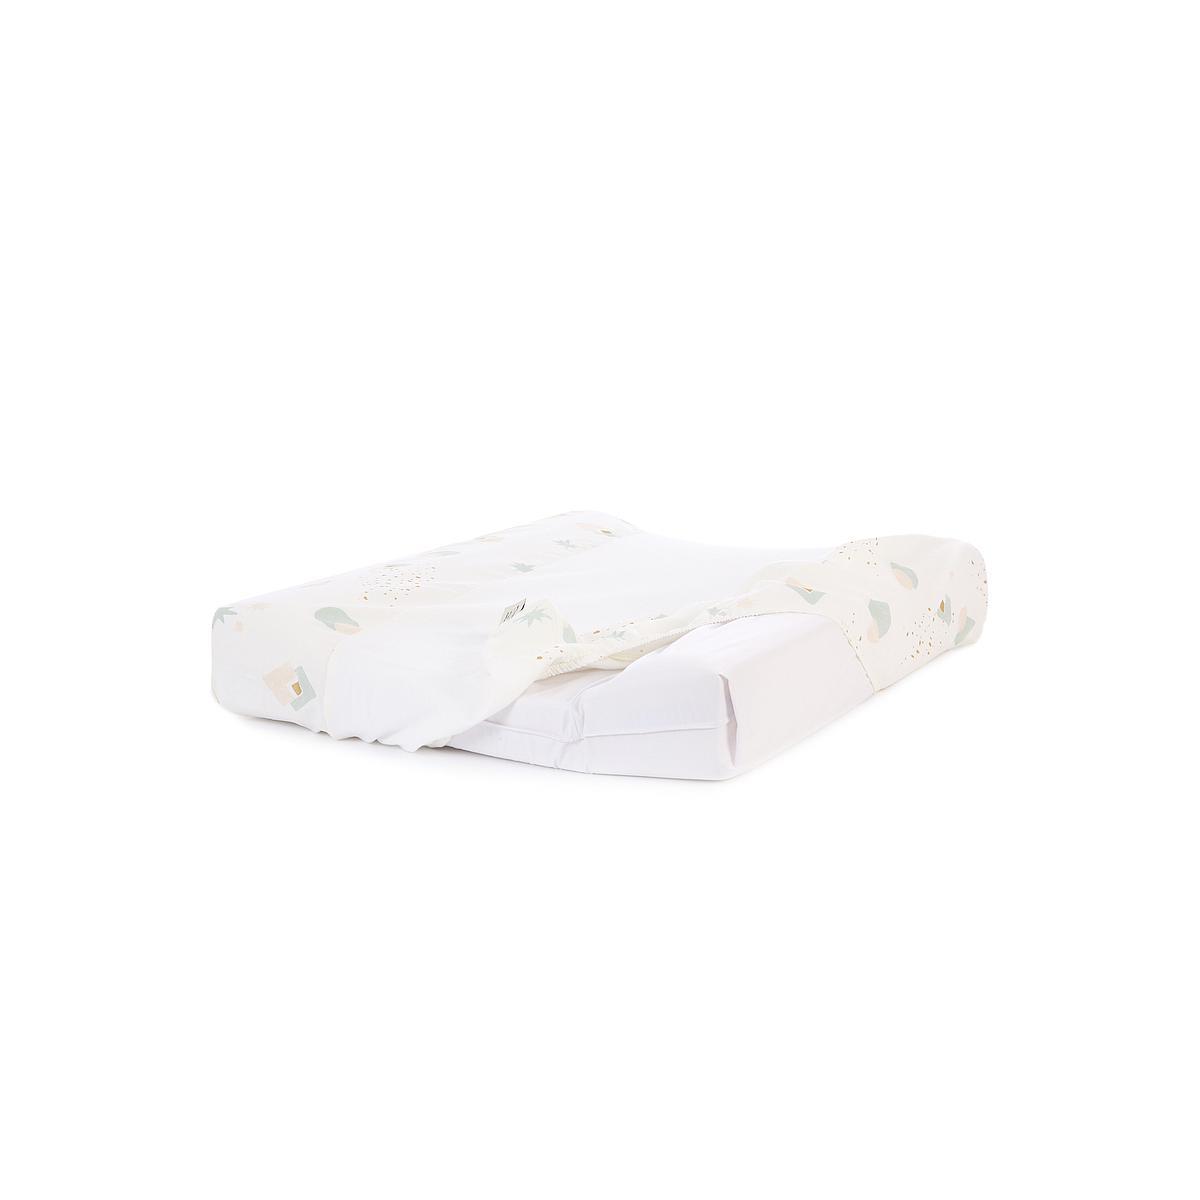 Funda colchón cambiador 70x50cm CALMA ELEMENTS Nobodinoz aqua eclipse-white